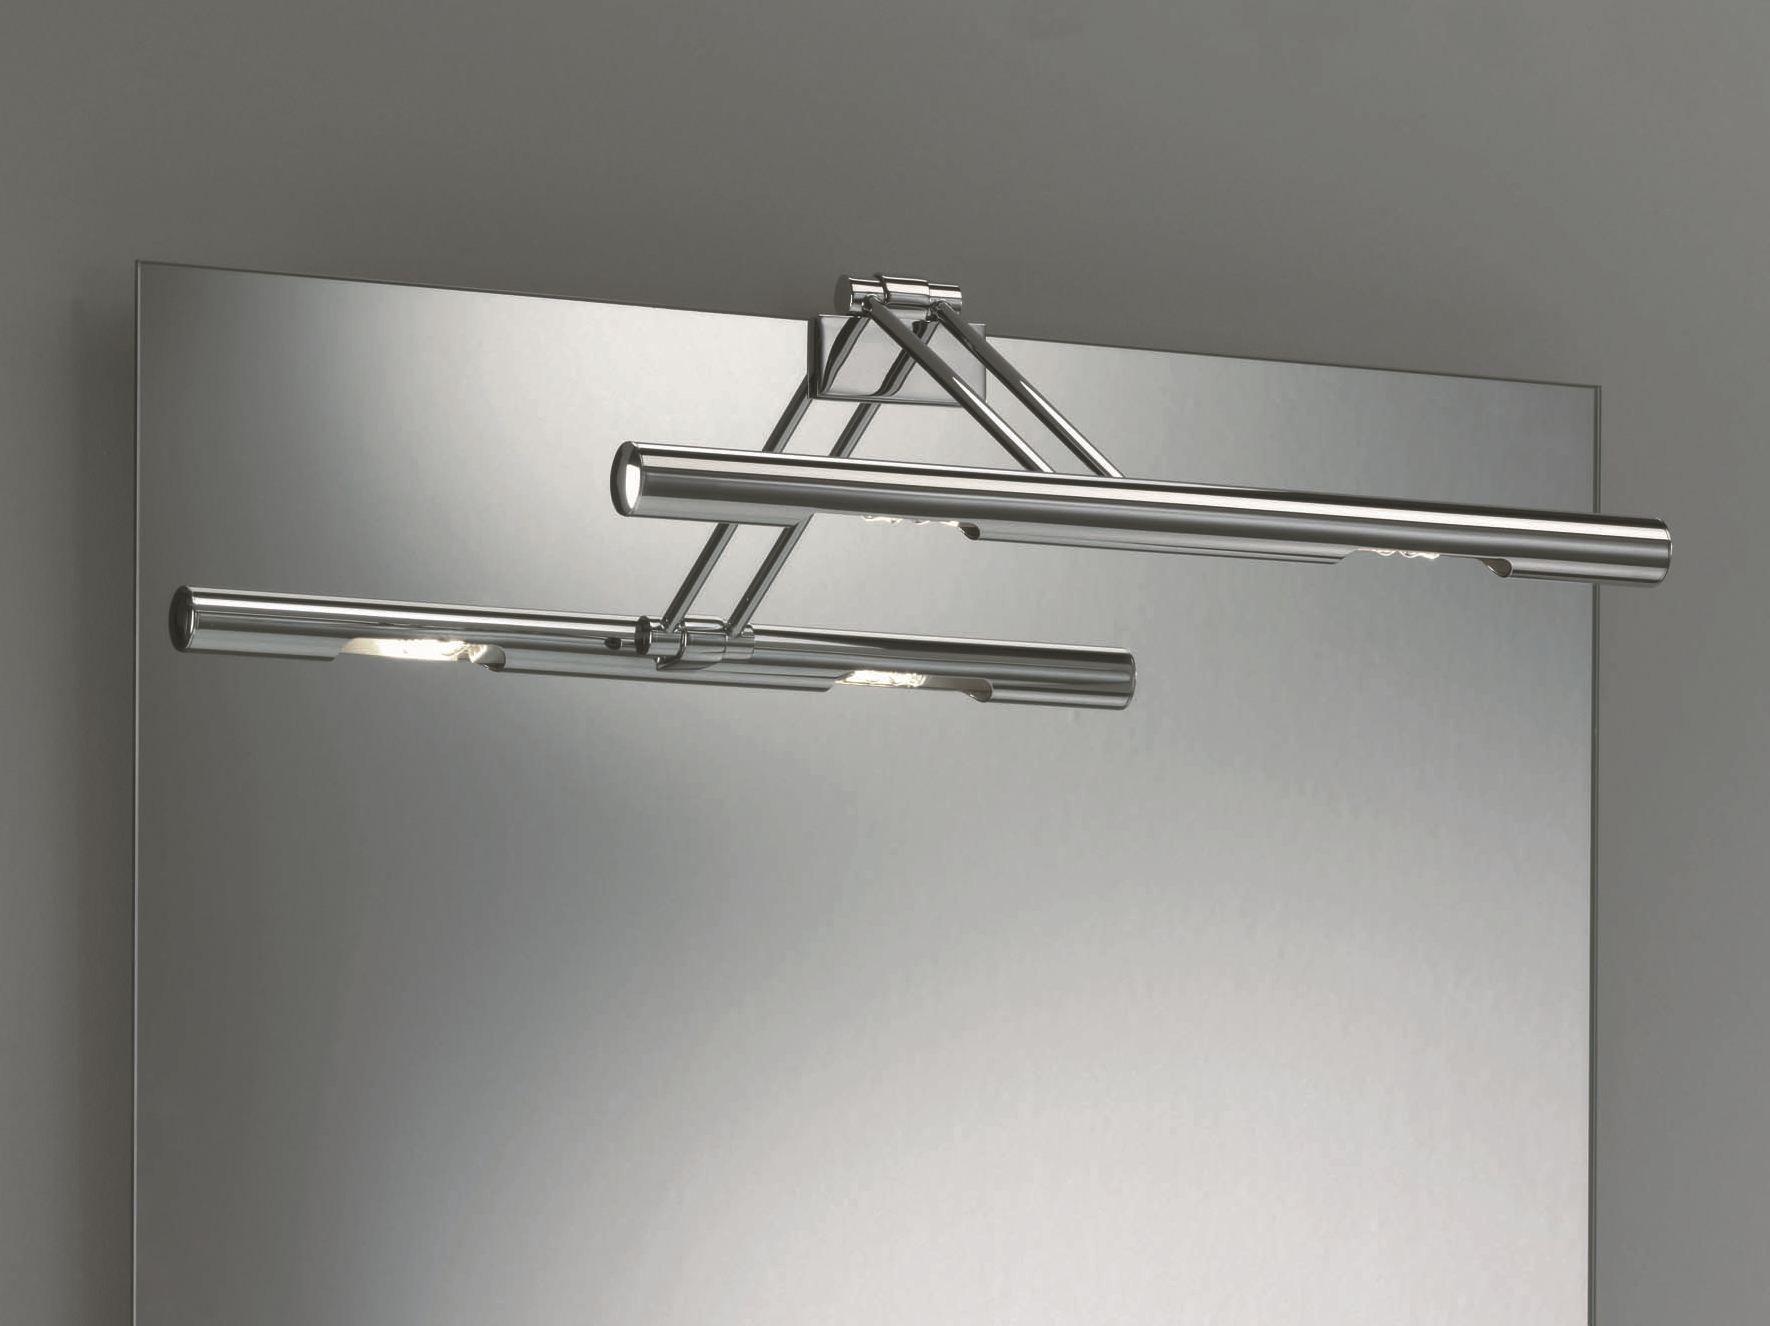 lampade da specchio in metallo cromato | archiproducts - Luce Specchio Bagno